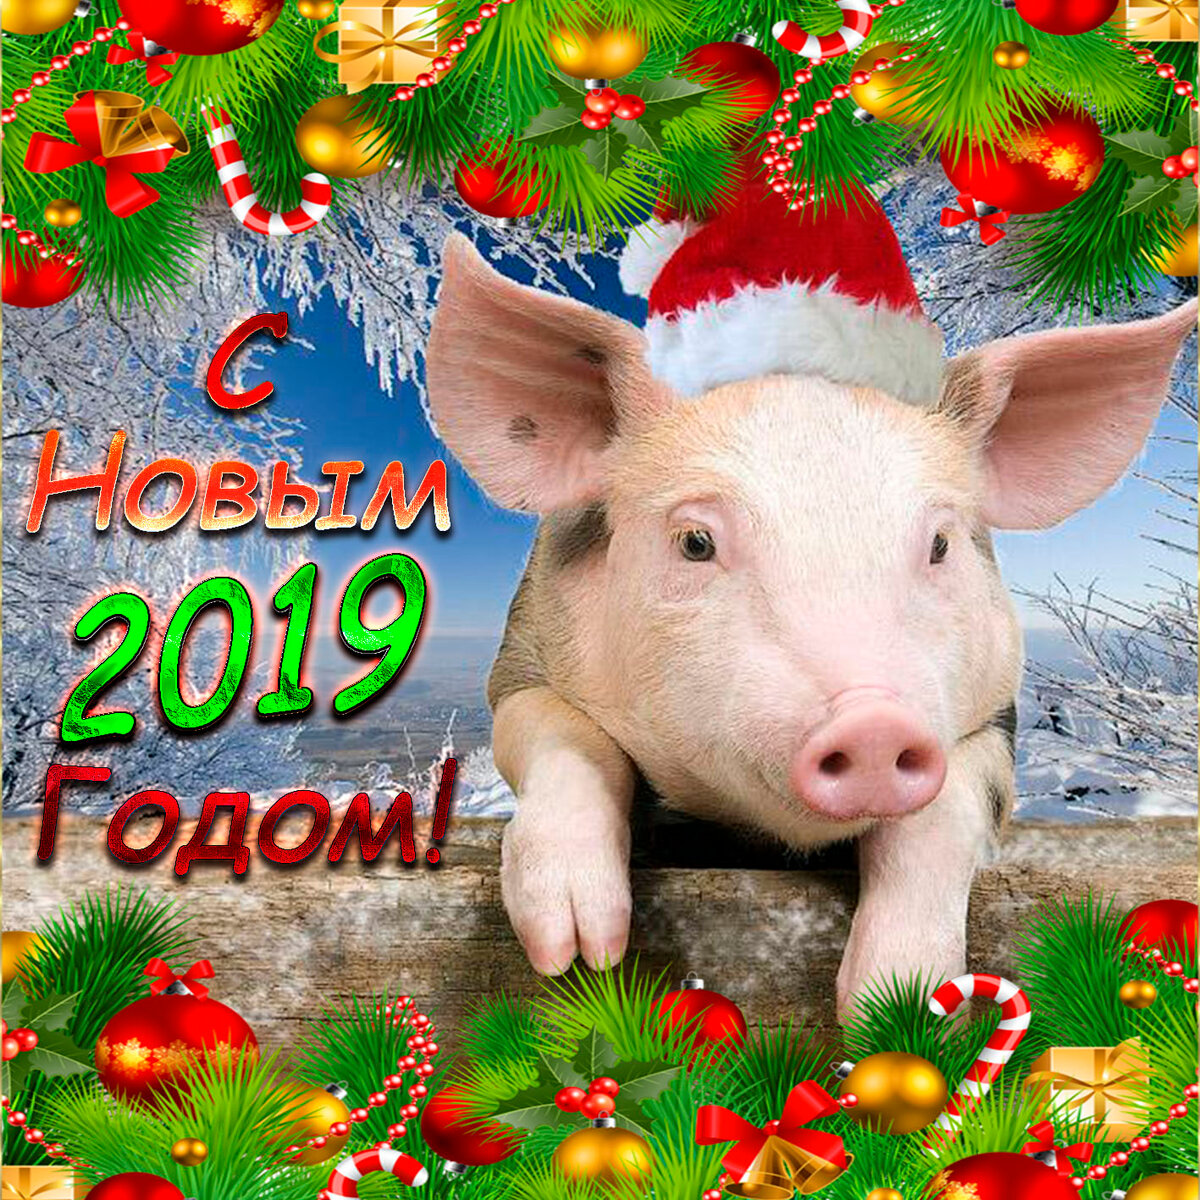 Аудио открытки с новым годом 2019